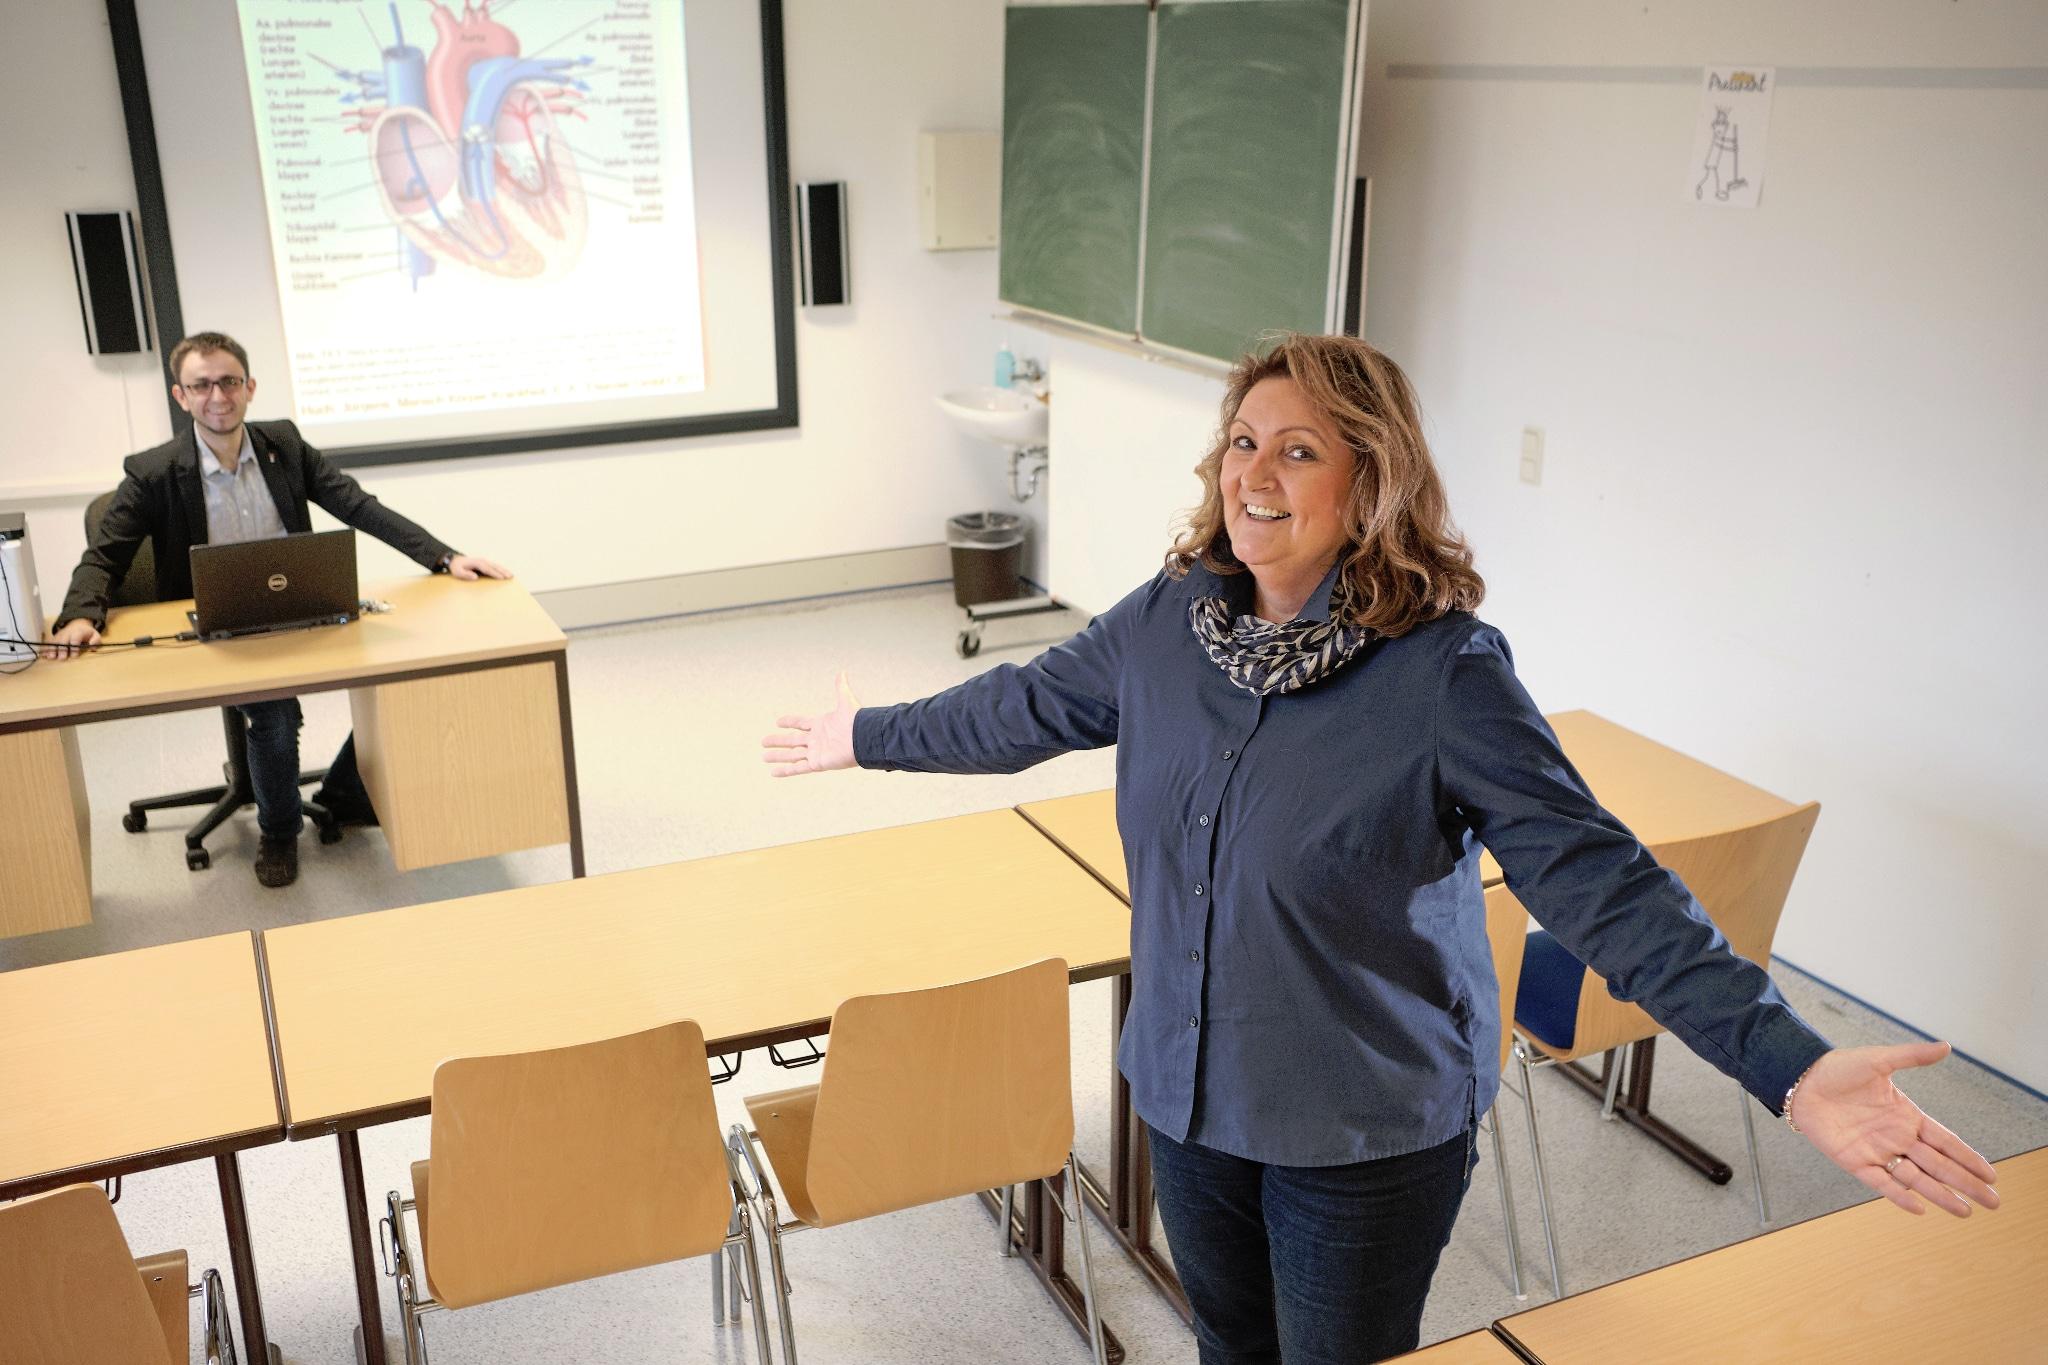 Schulleiterin Anja Fried und Pflegepädagoge Matthias Maldener im Klassenraum | Bild: KK Saar